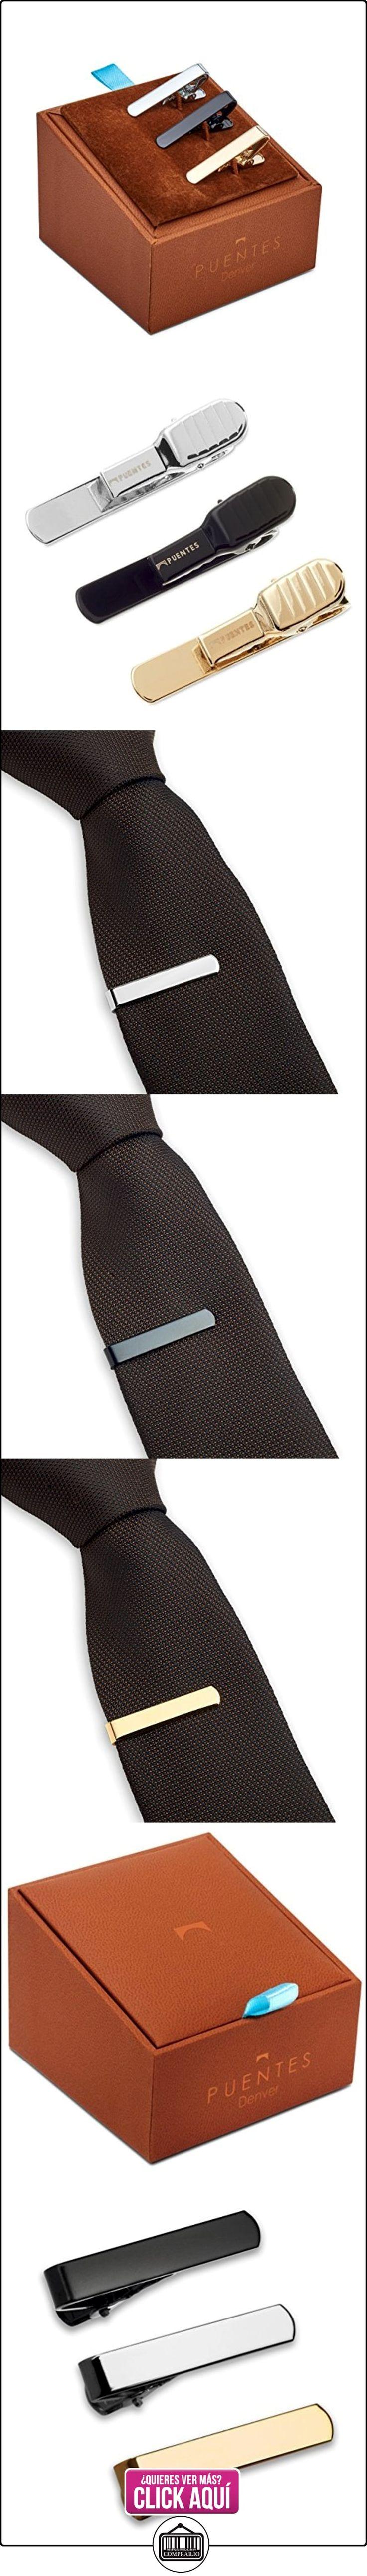 Set de 3 Pc Pasador de Corbatas Estrechas 2.8cm Pisacorbatas Skinny, Tono Plateado, Dorado y Negro en Caja de Regalo  ✿ Joyas para niños - Regalos ✿ ▬► Ver oferta: https://comprar.io/goto/B00VAPGJ5Y